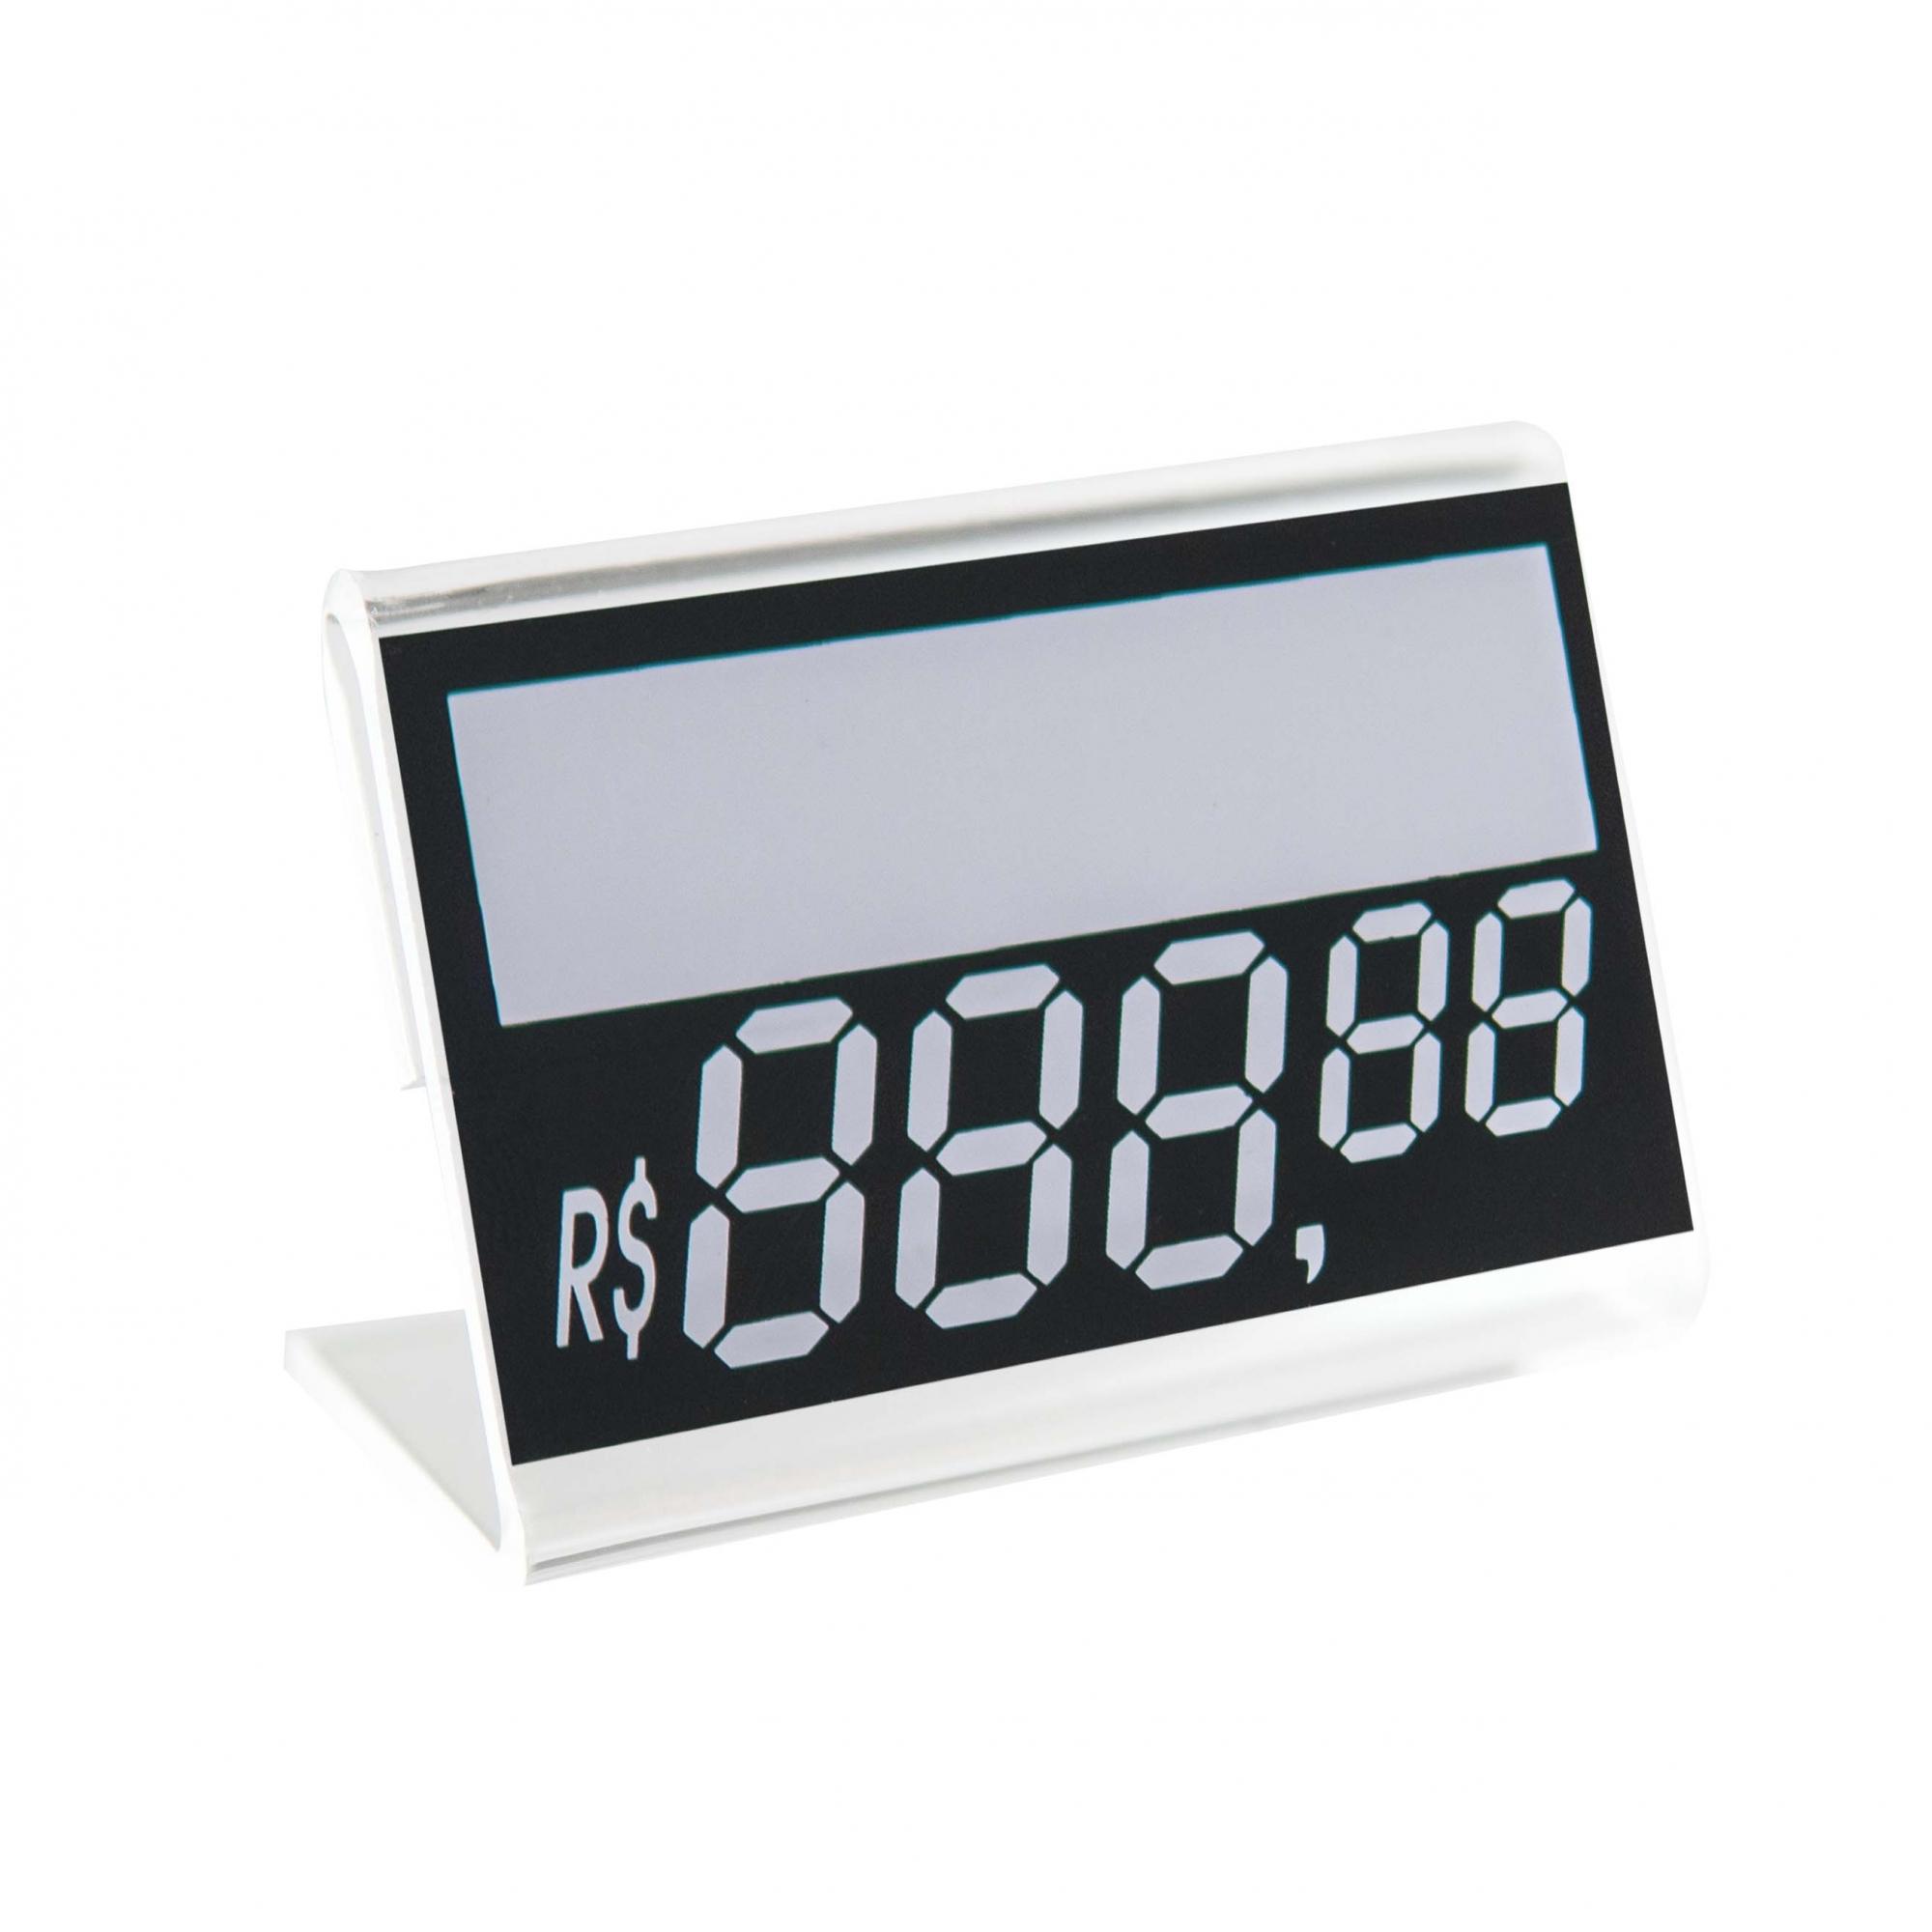 Kit Porta Preço Transparente 4x2,5cm - 30 Unidades